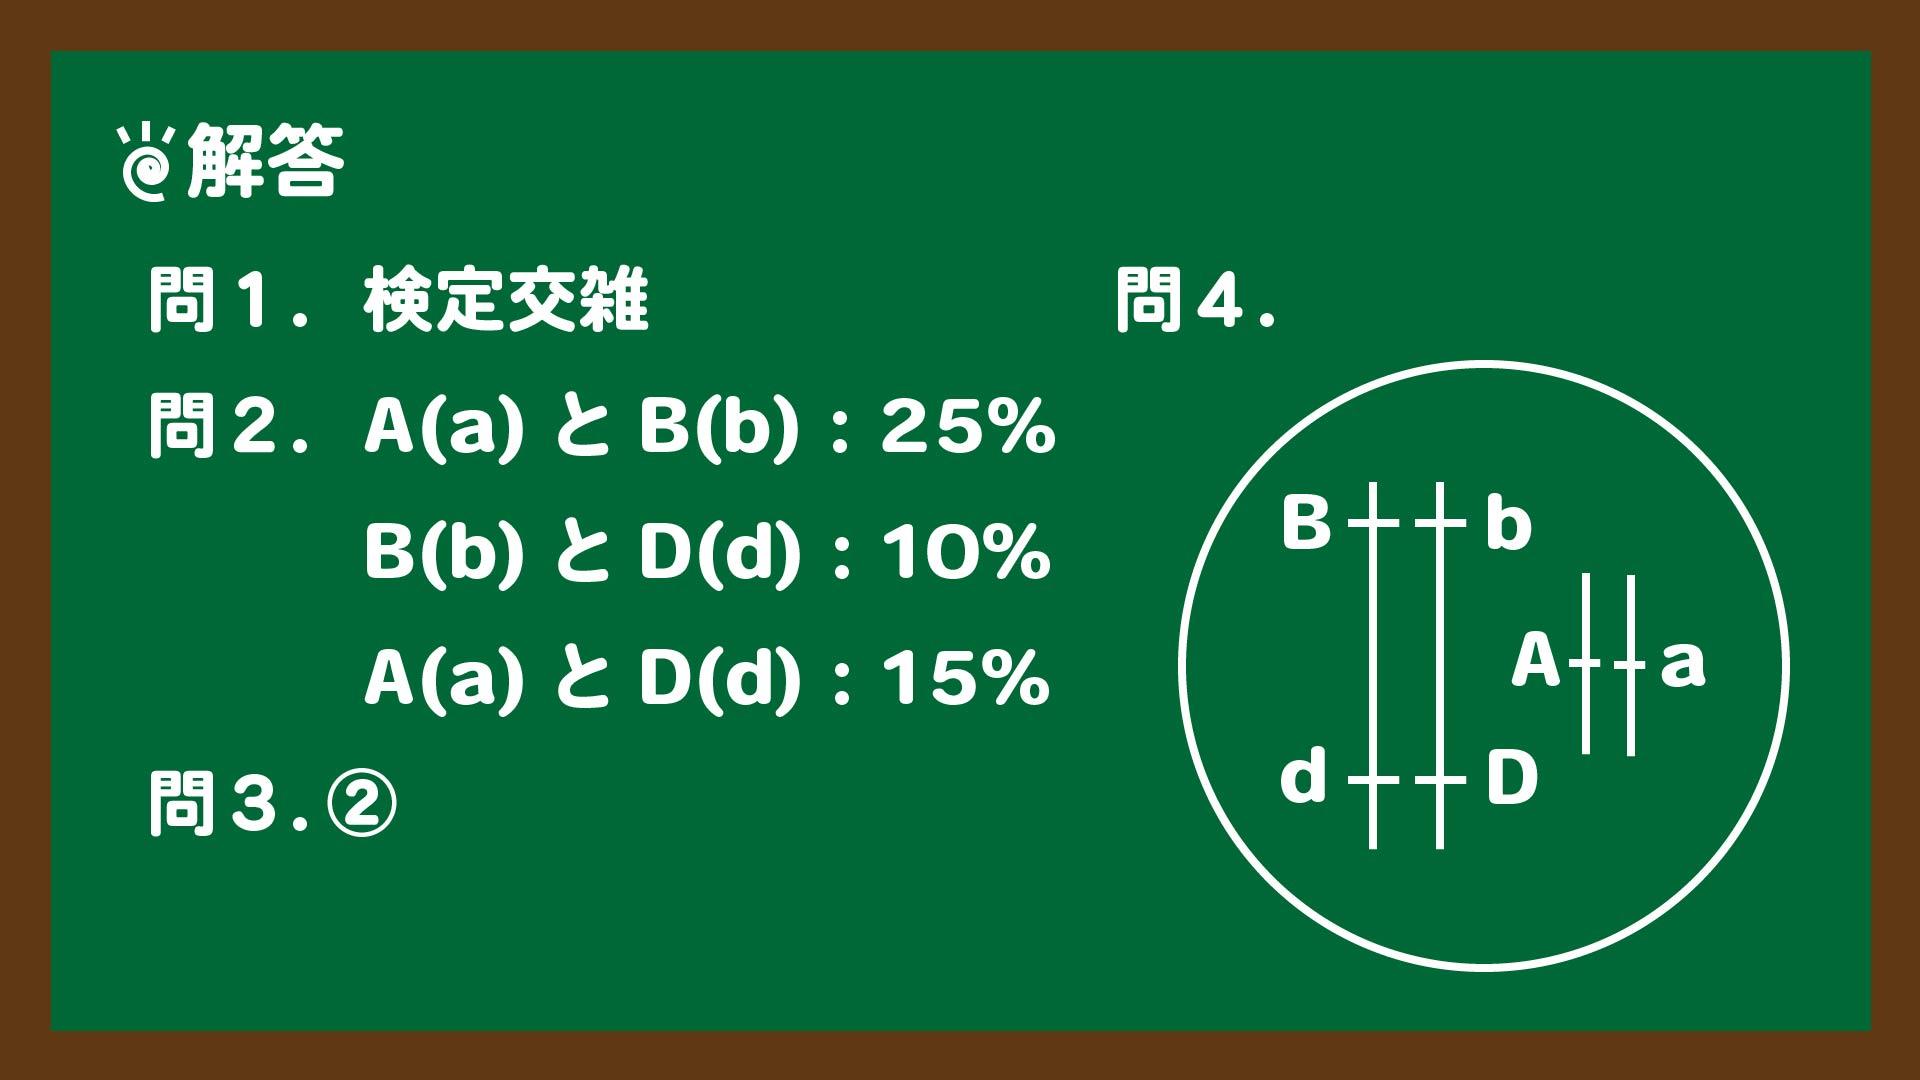 スライド2:問題の解答